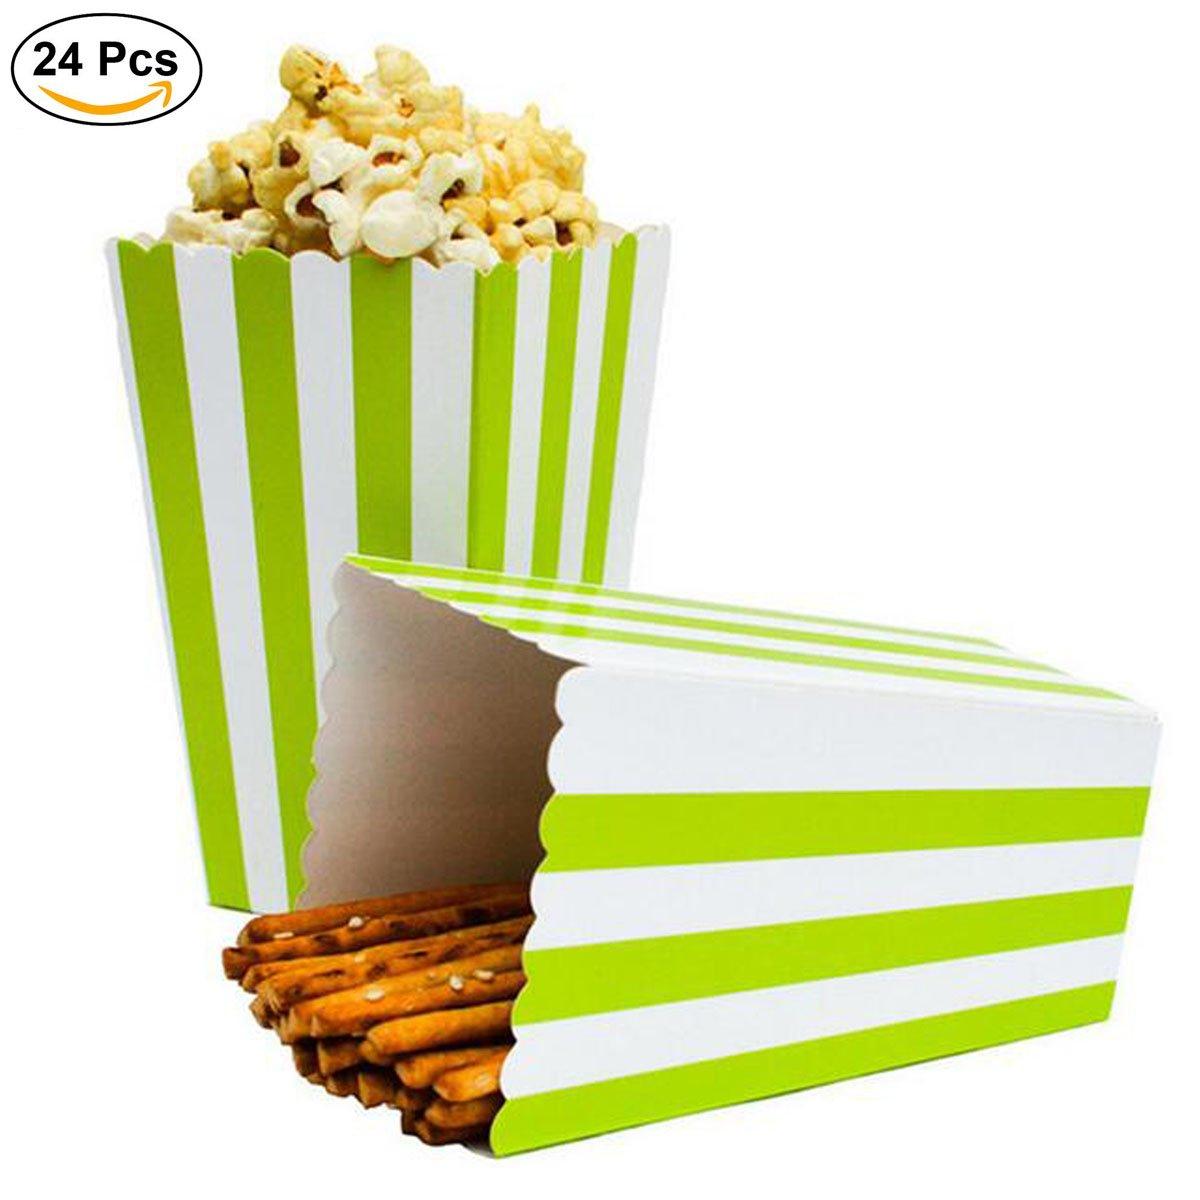 Rosa Ouinne 24PCS Scatole Popcorn Sorpresa Modello di Banda Decorativi per il Partito per i Favori del Partito di Film Scatole di Popcorn